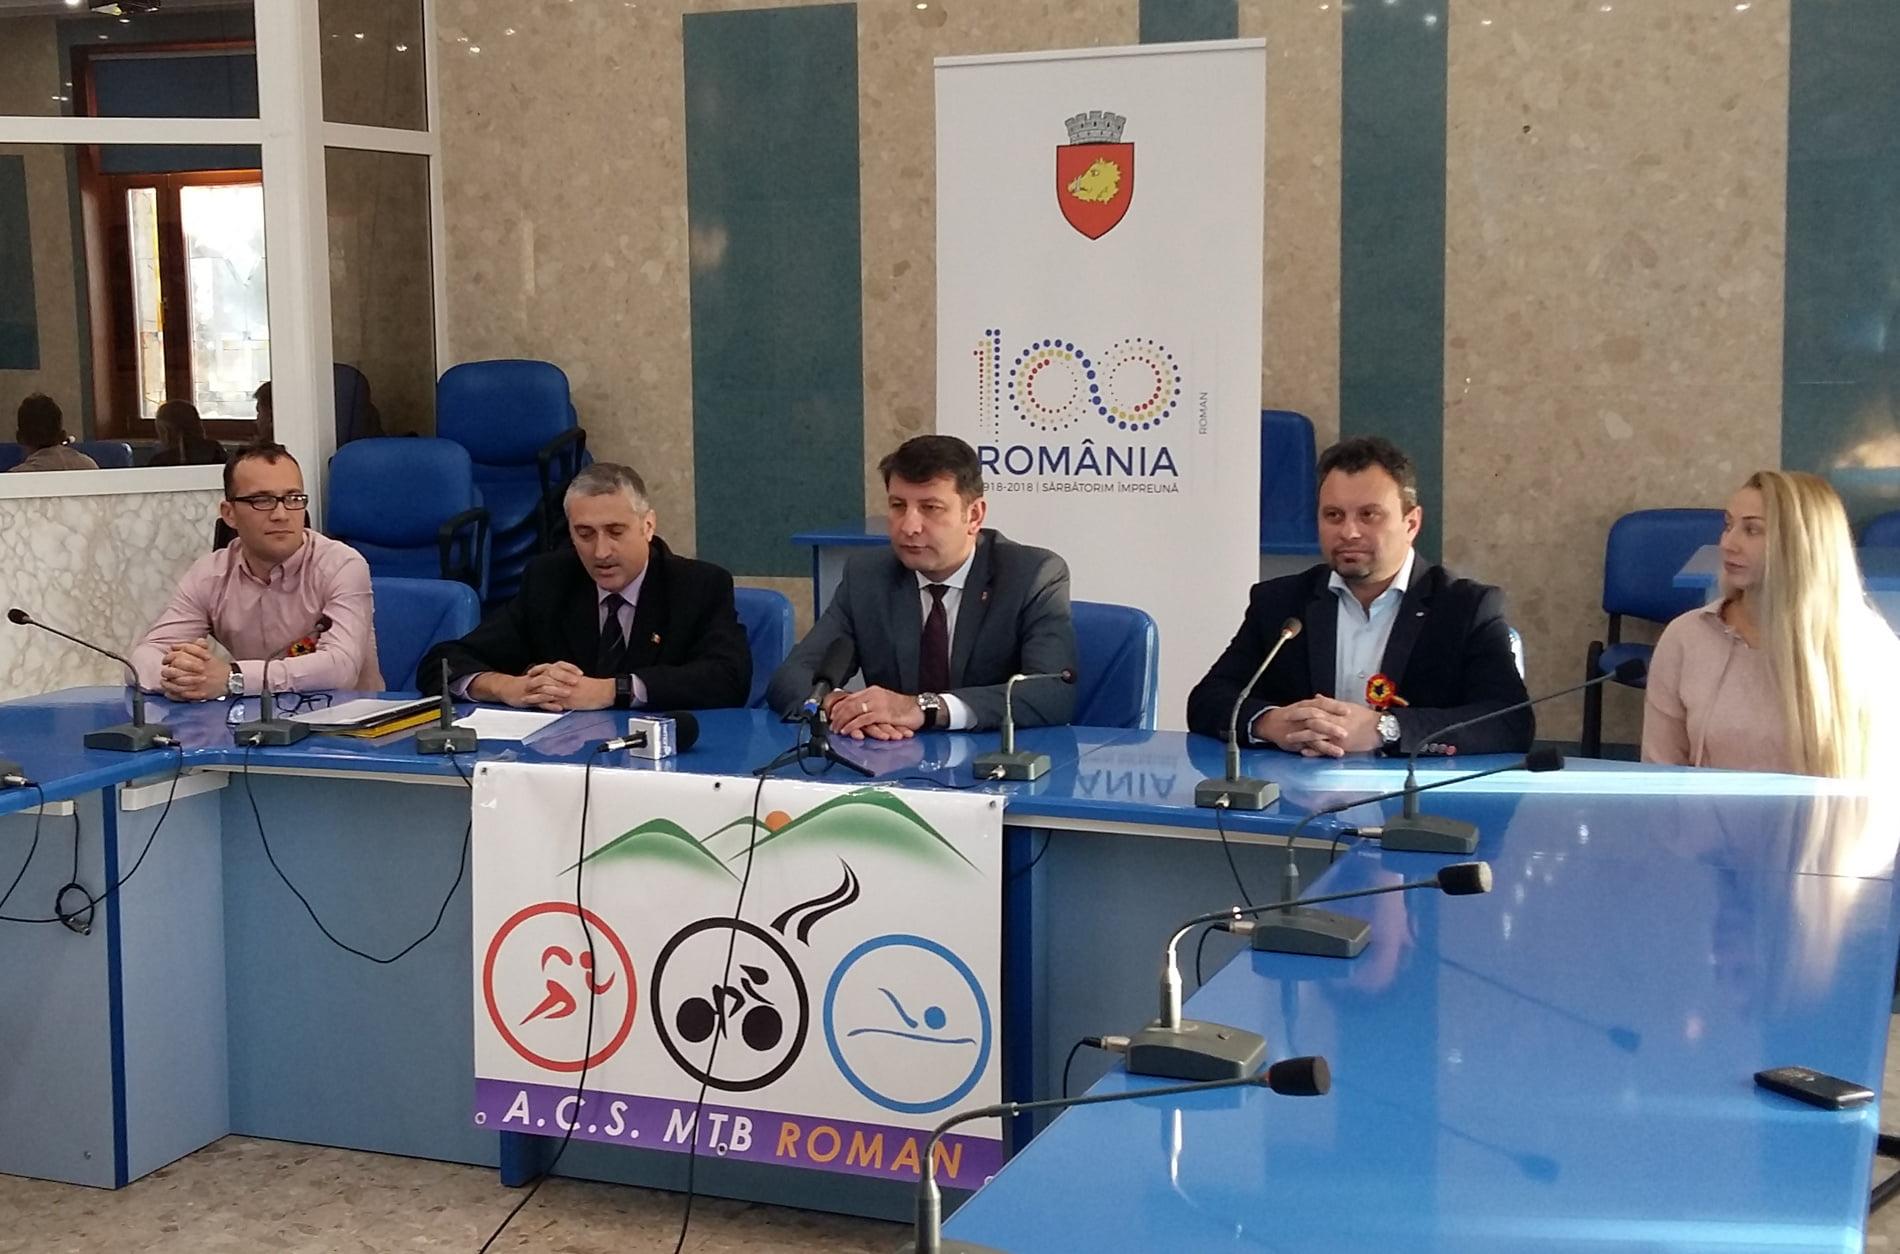 Asociația Club Sportiv MTB Roman și-a început oficial activitatea, de Ziua Națională